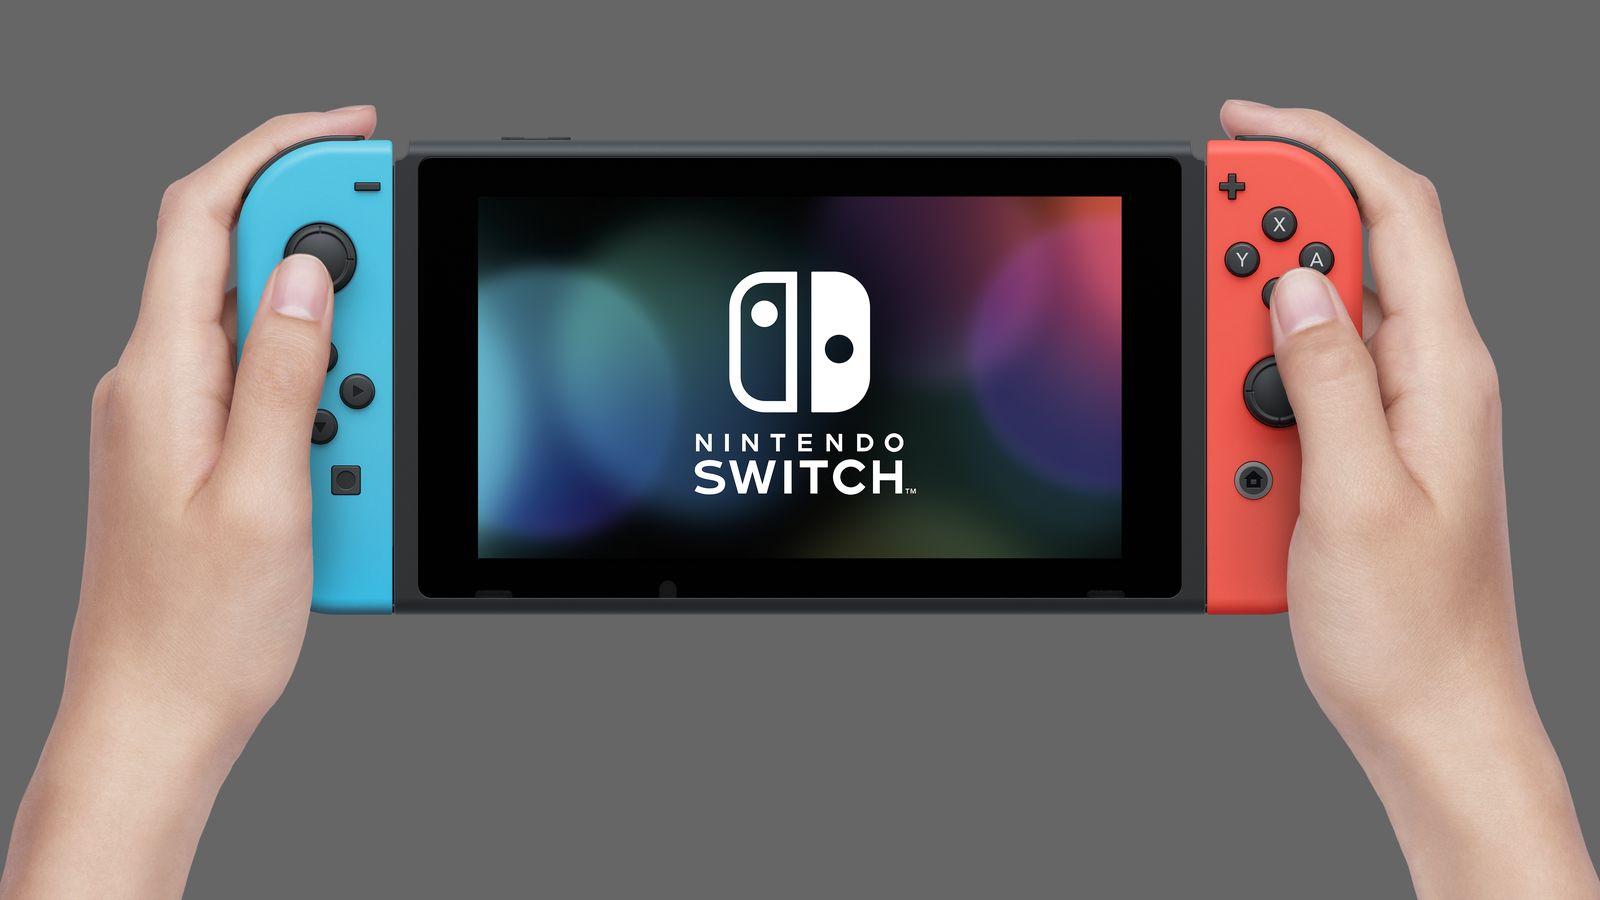 NintendoSwitch_hardware_Console_05.0